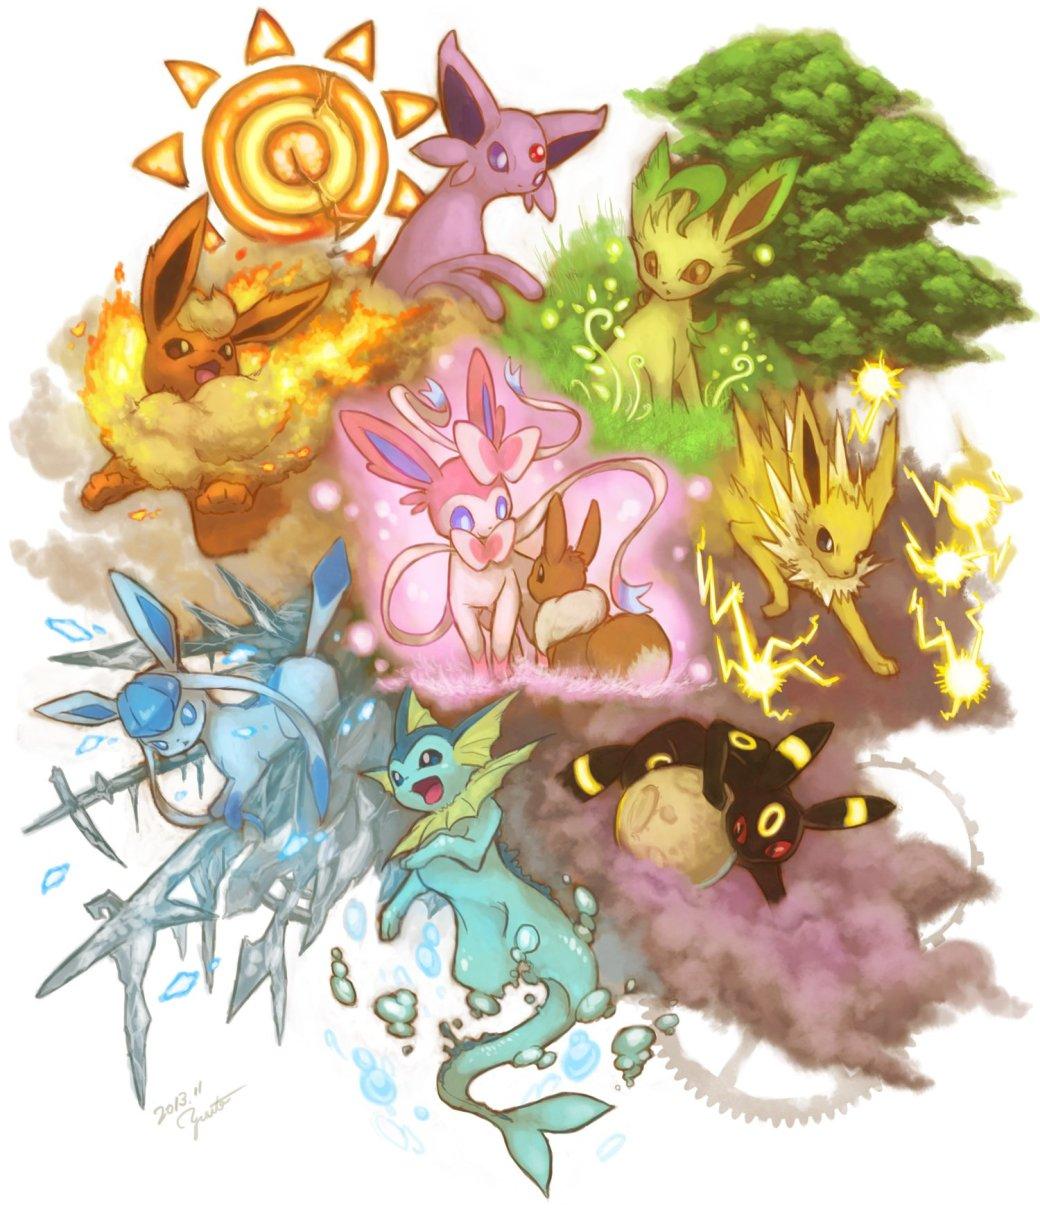 Введение в мир Pokémon | Канобу - Изображение 4